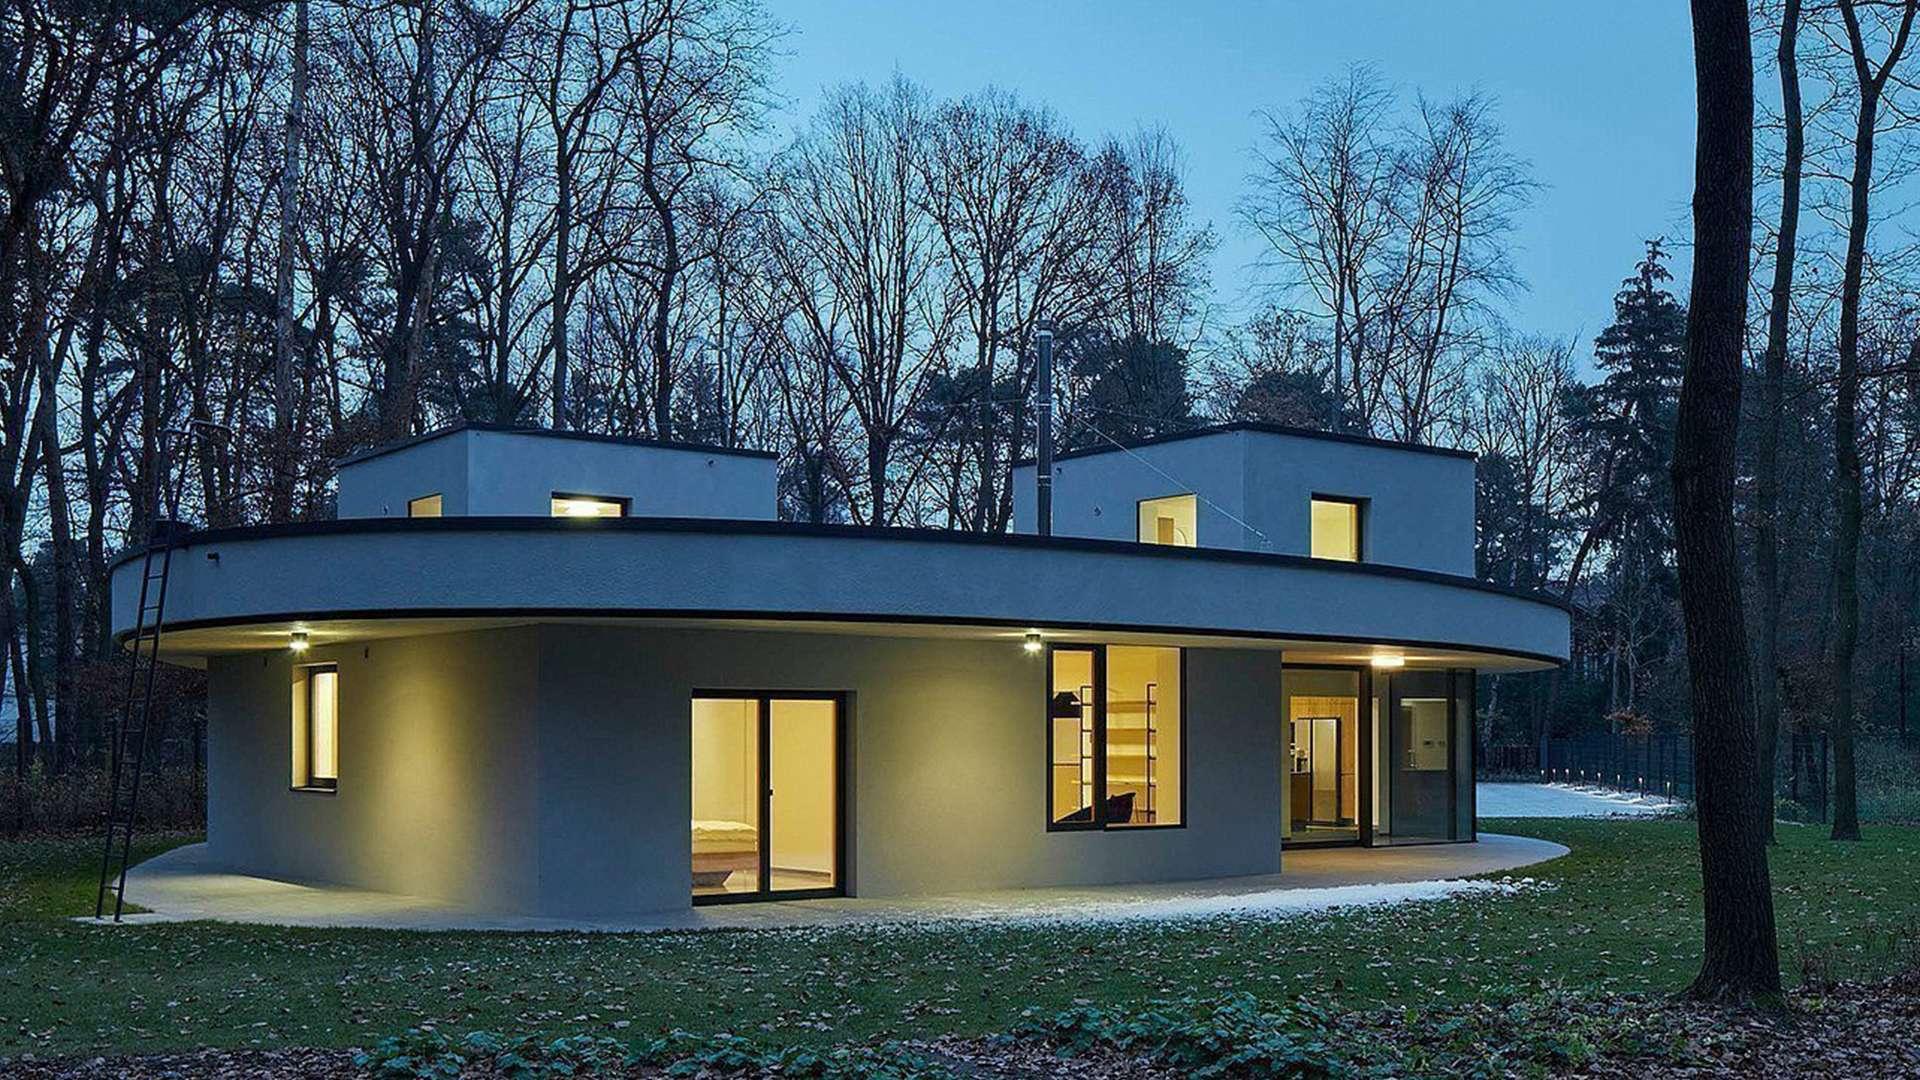 ausgefallenes rundes Haus mit Kunststoff-Aluminium-Fenstern bei Dämmerung im Wald